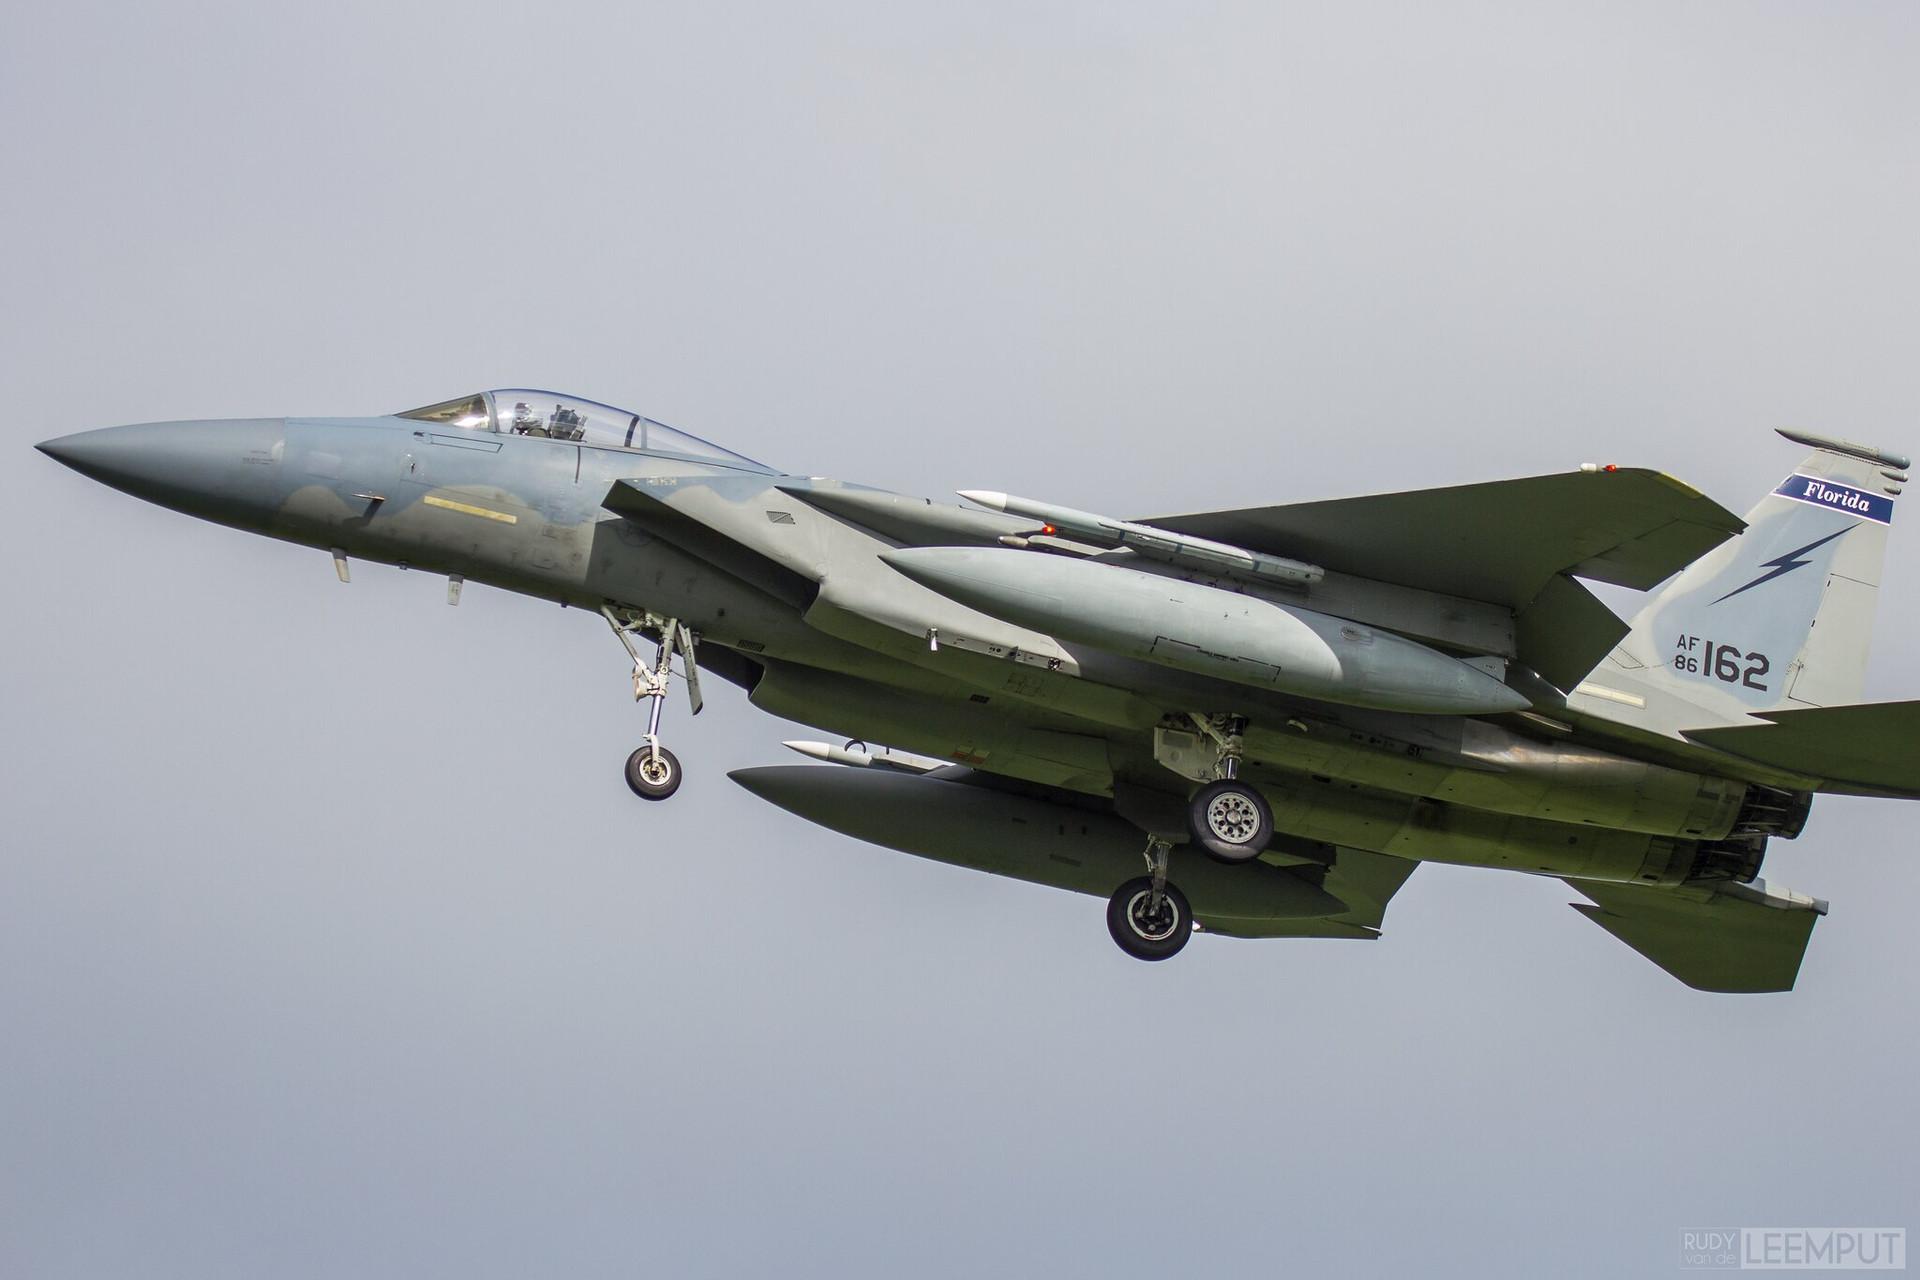 86-162   Build: .... - McDonnell Douglas F15c